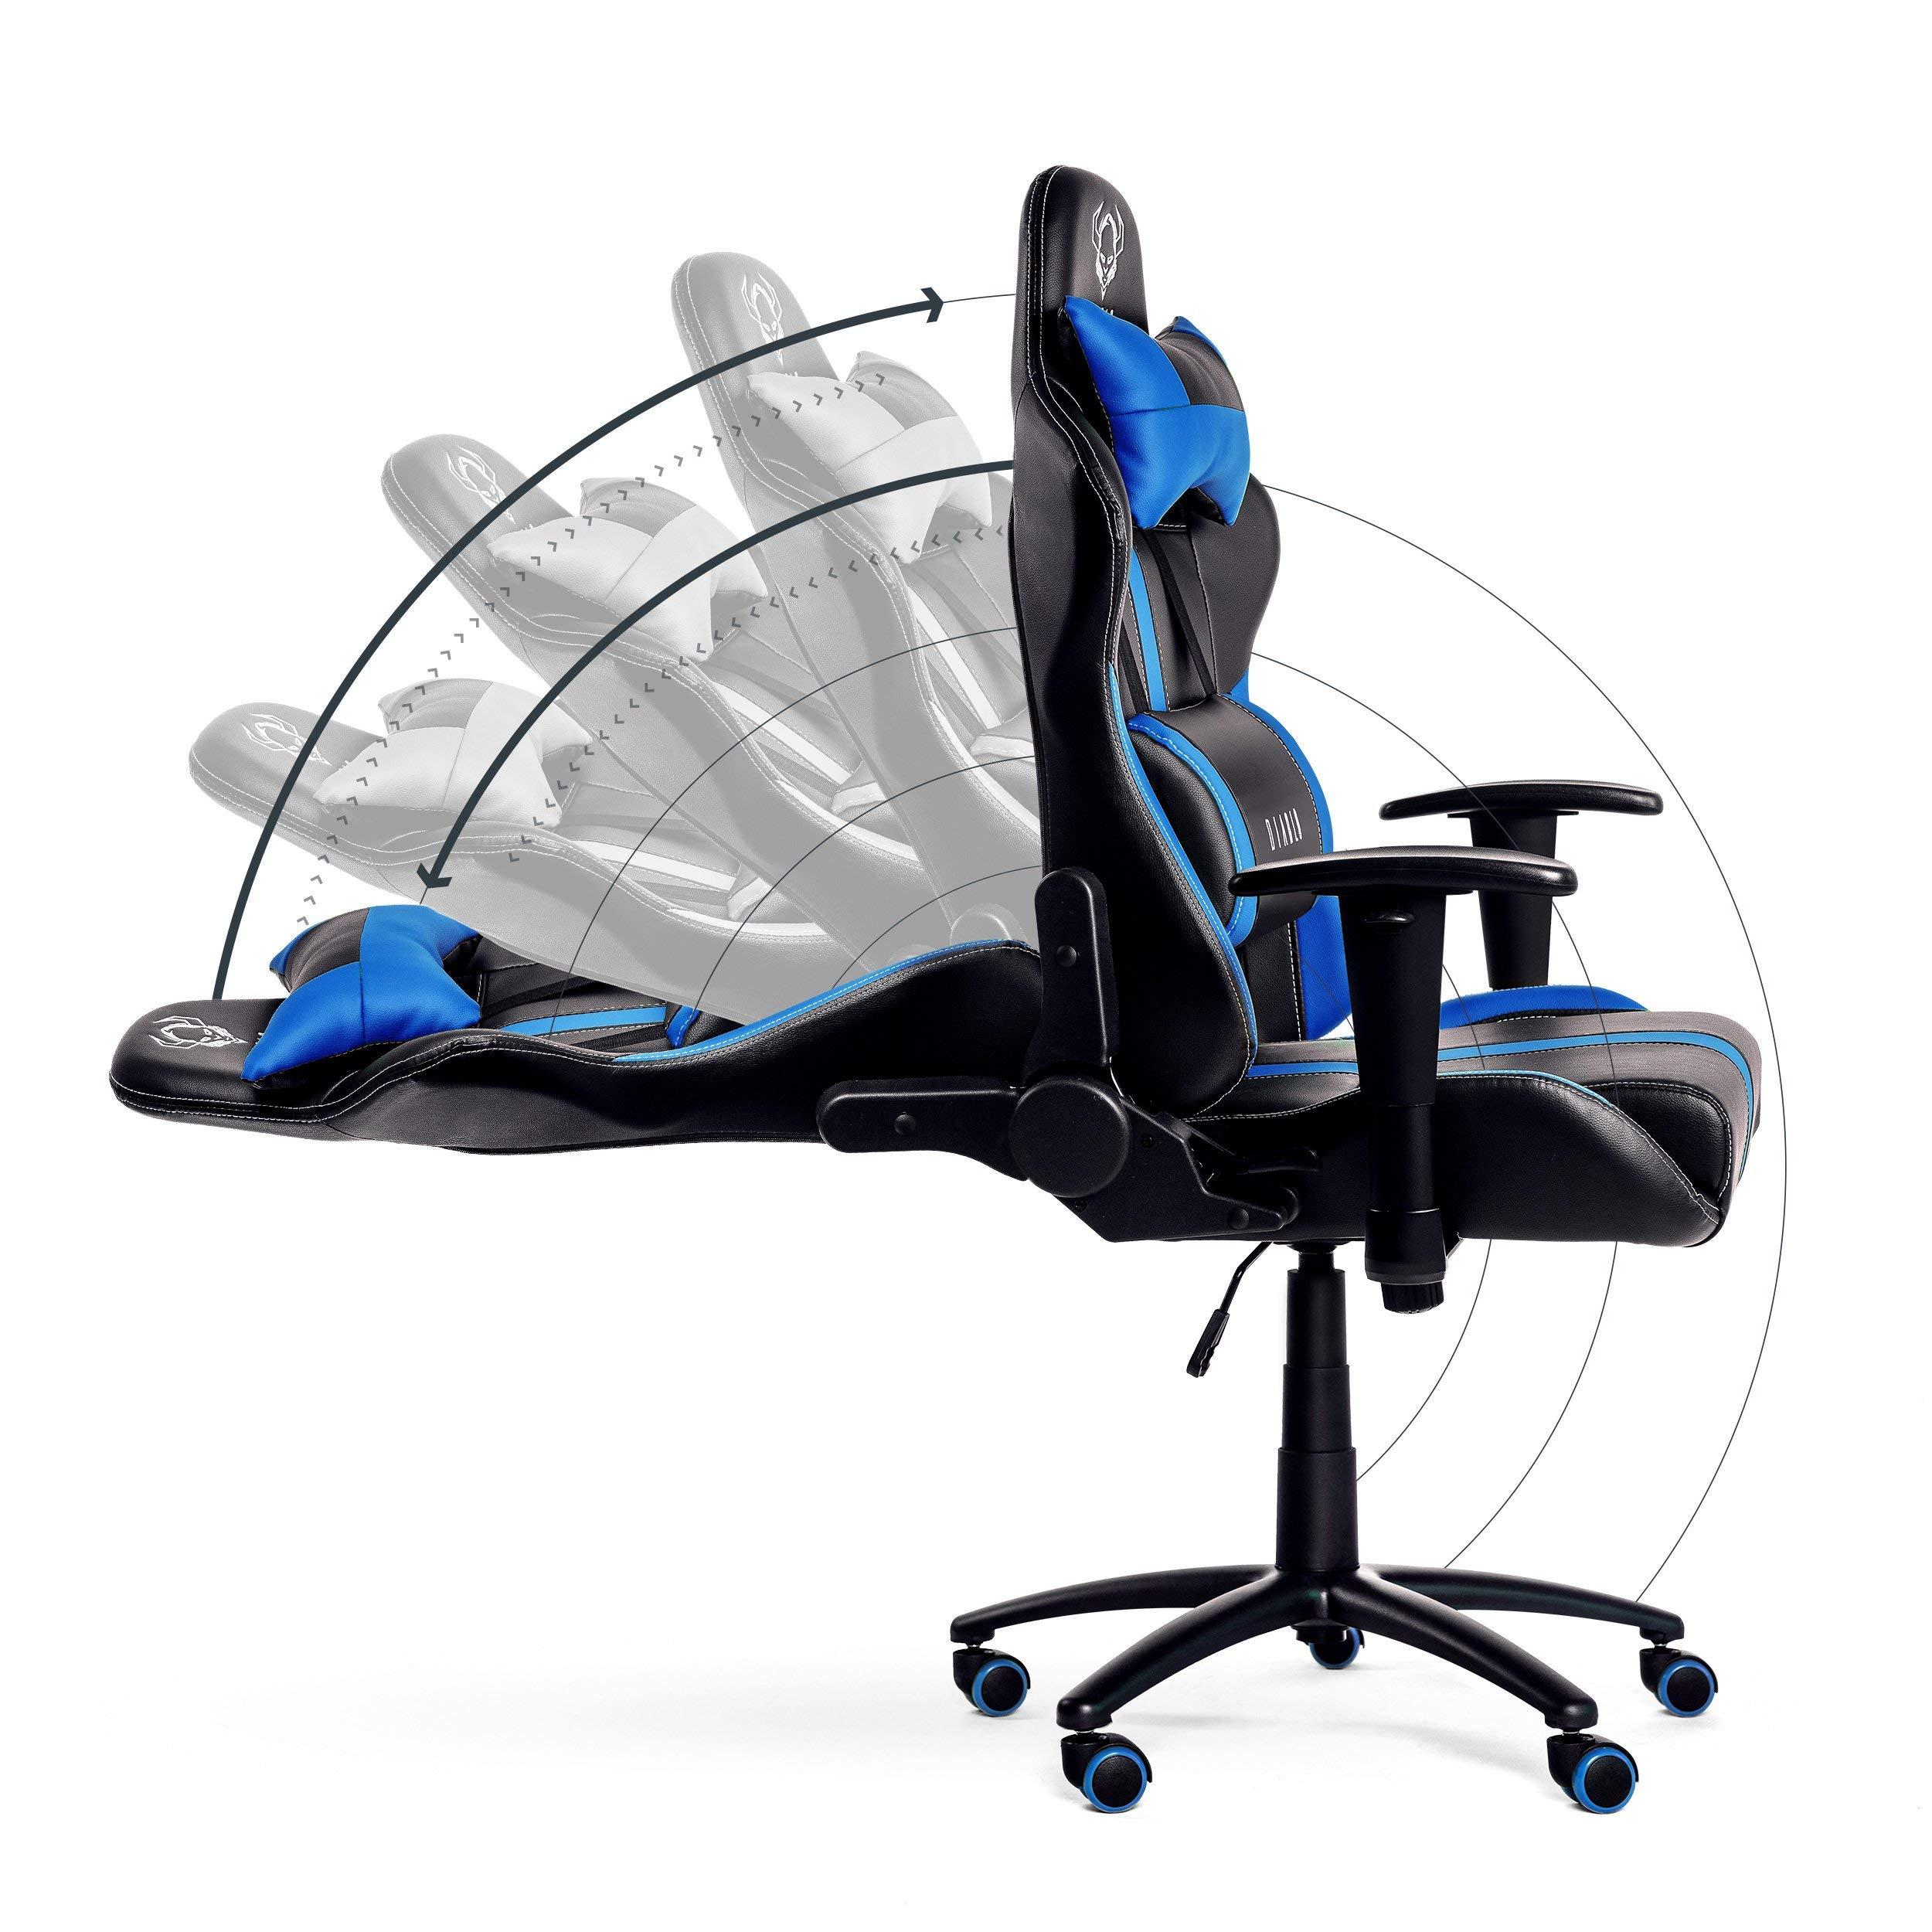 Cuero Sintético Player Gaming Ajustables Silla Reposabrazos Diablo® X Almohada Y Lumbar De Inclinación Oficina Cojin Selección Mecanismo cRq54AjS3L